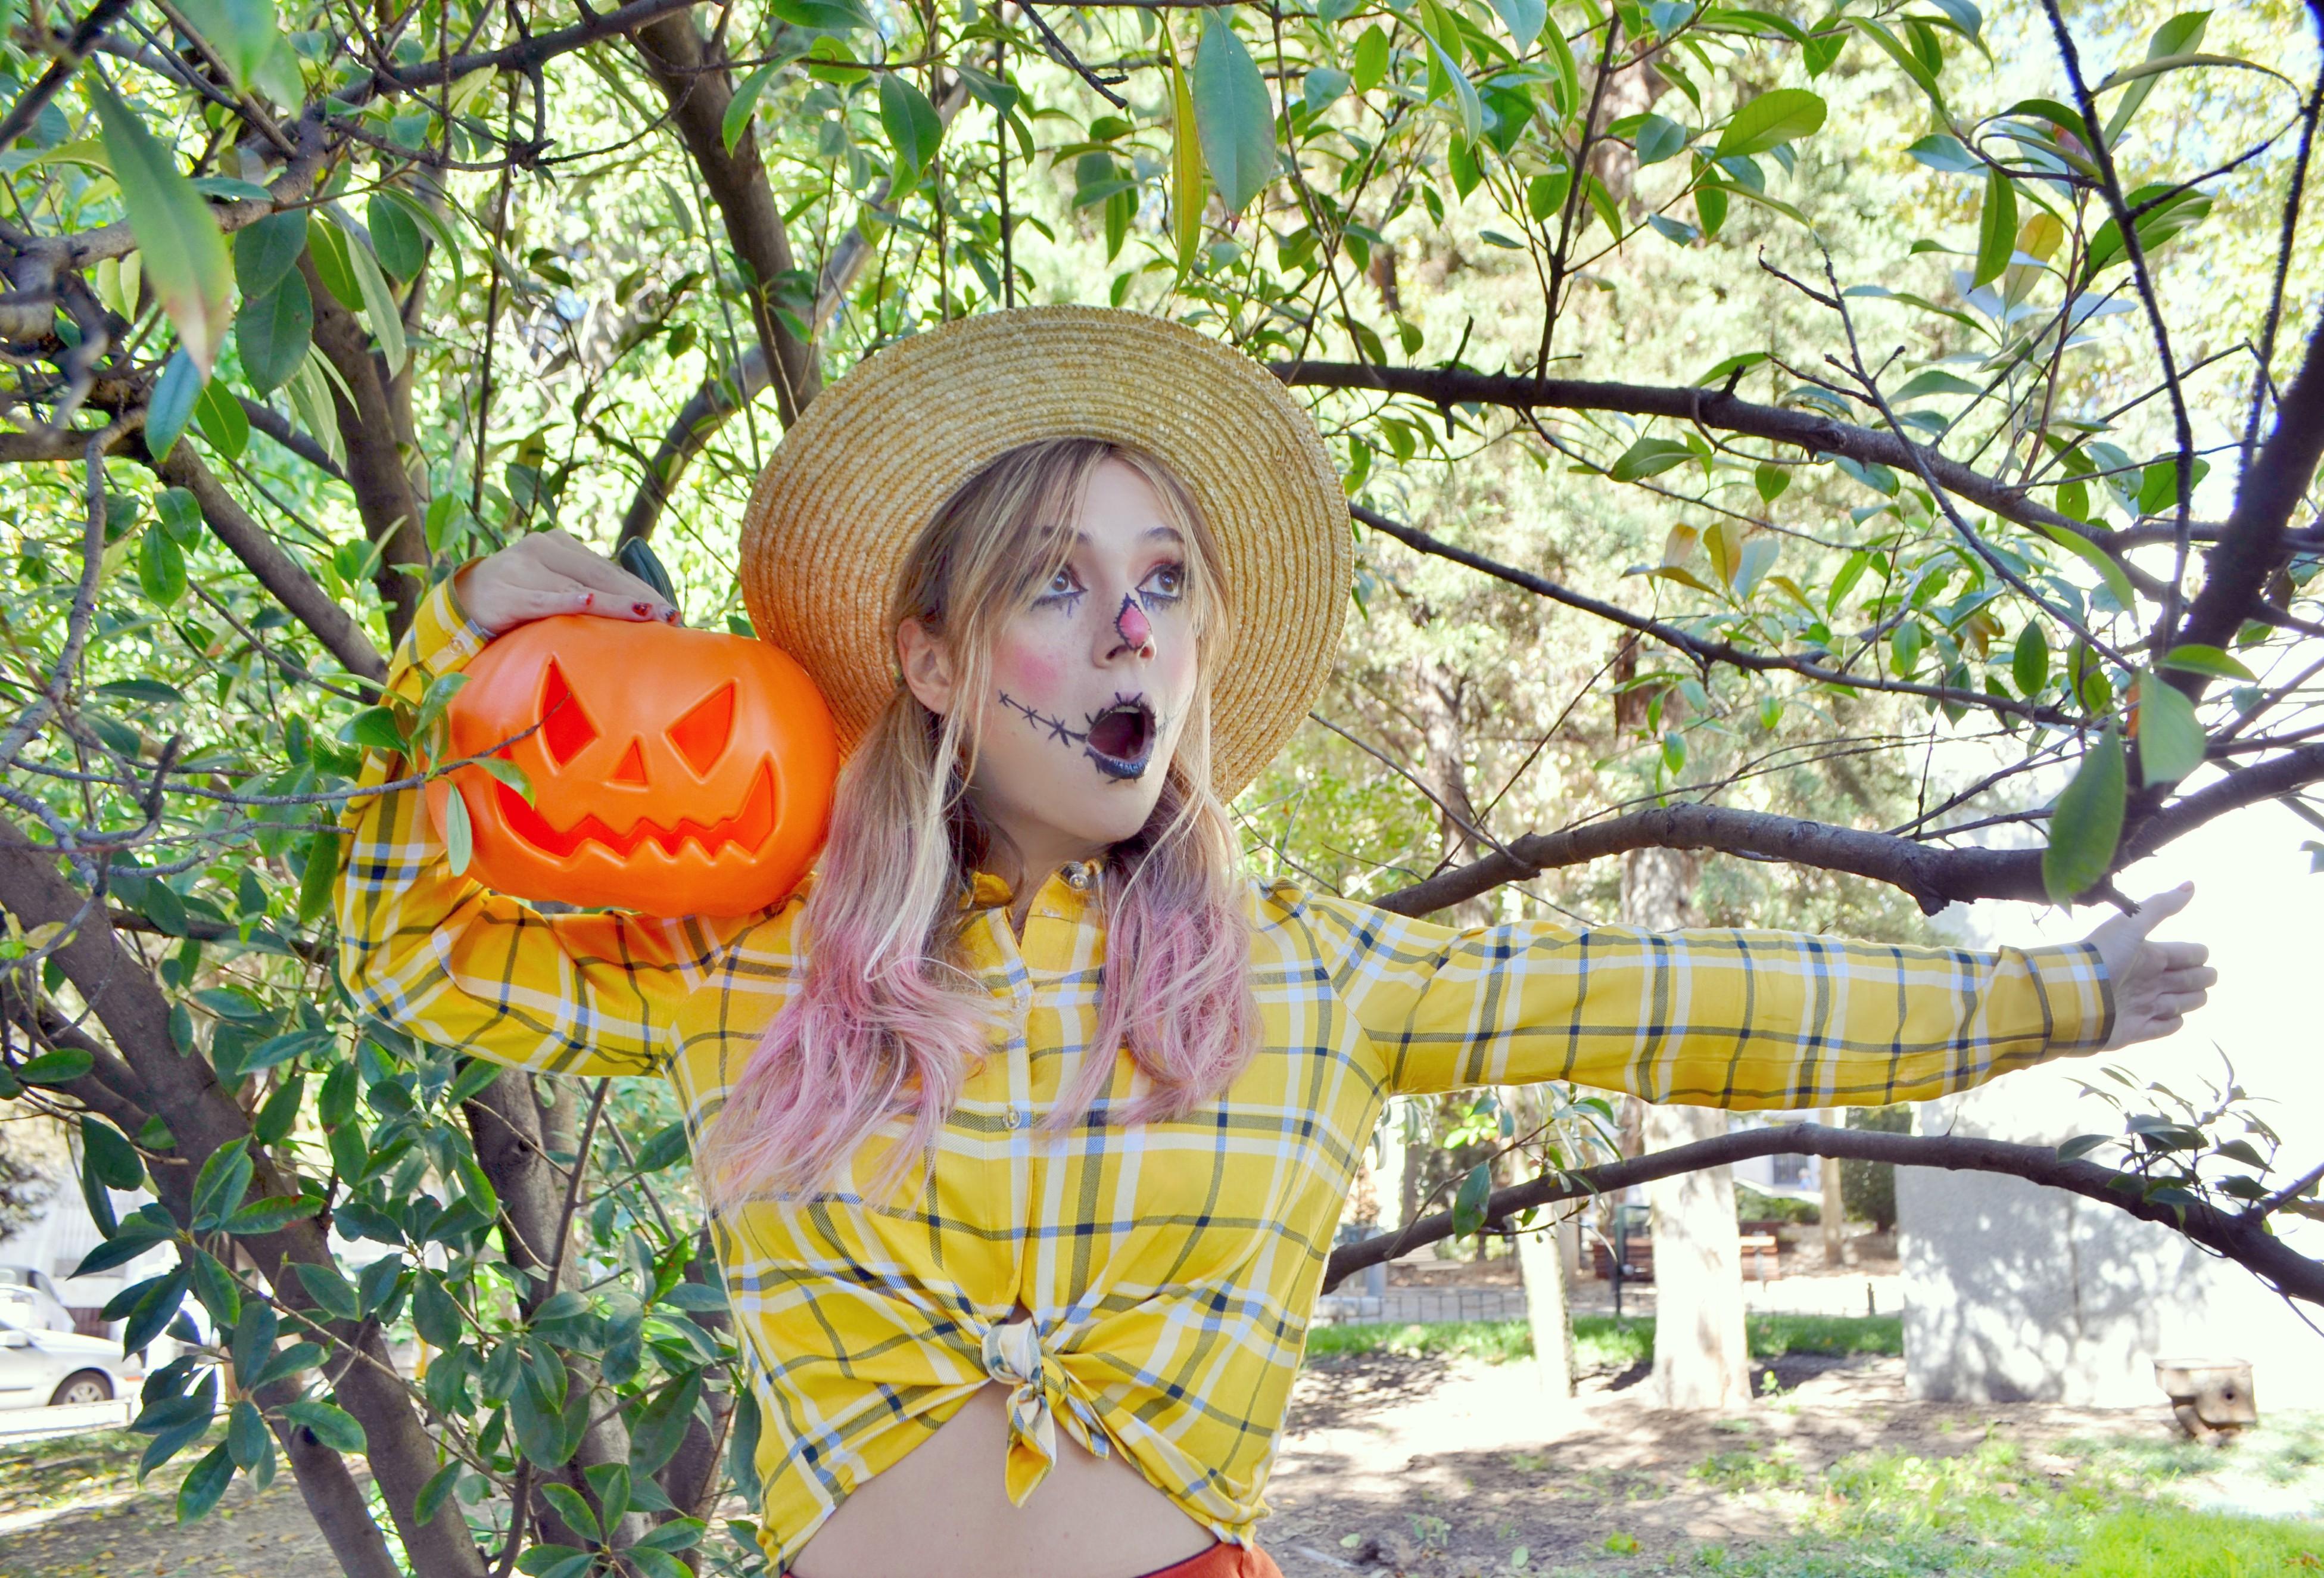 Disfraces-para-halloween-baratos-blog-de-moda-maquillaje-de-espantapajaros-ChicAdicta-Urvan-beauty-Chic-Adicta-influencer-scarecrow-PiensaenChic-Piensa-en-Chic